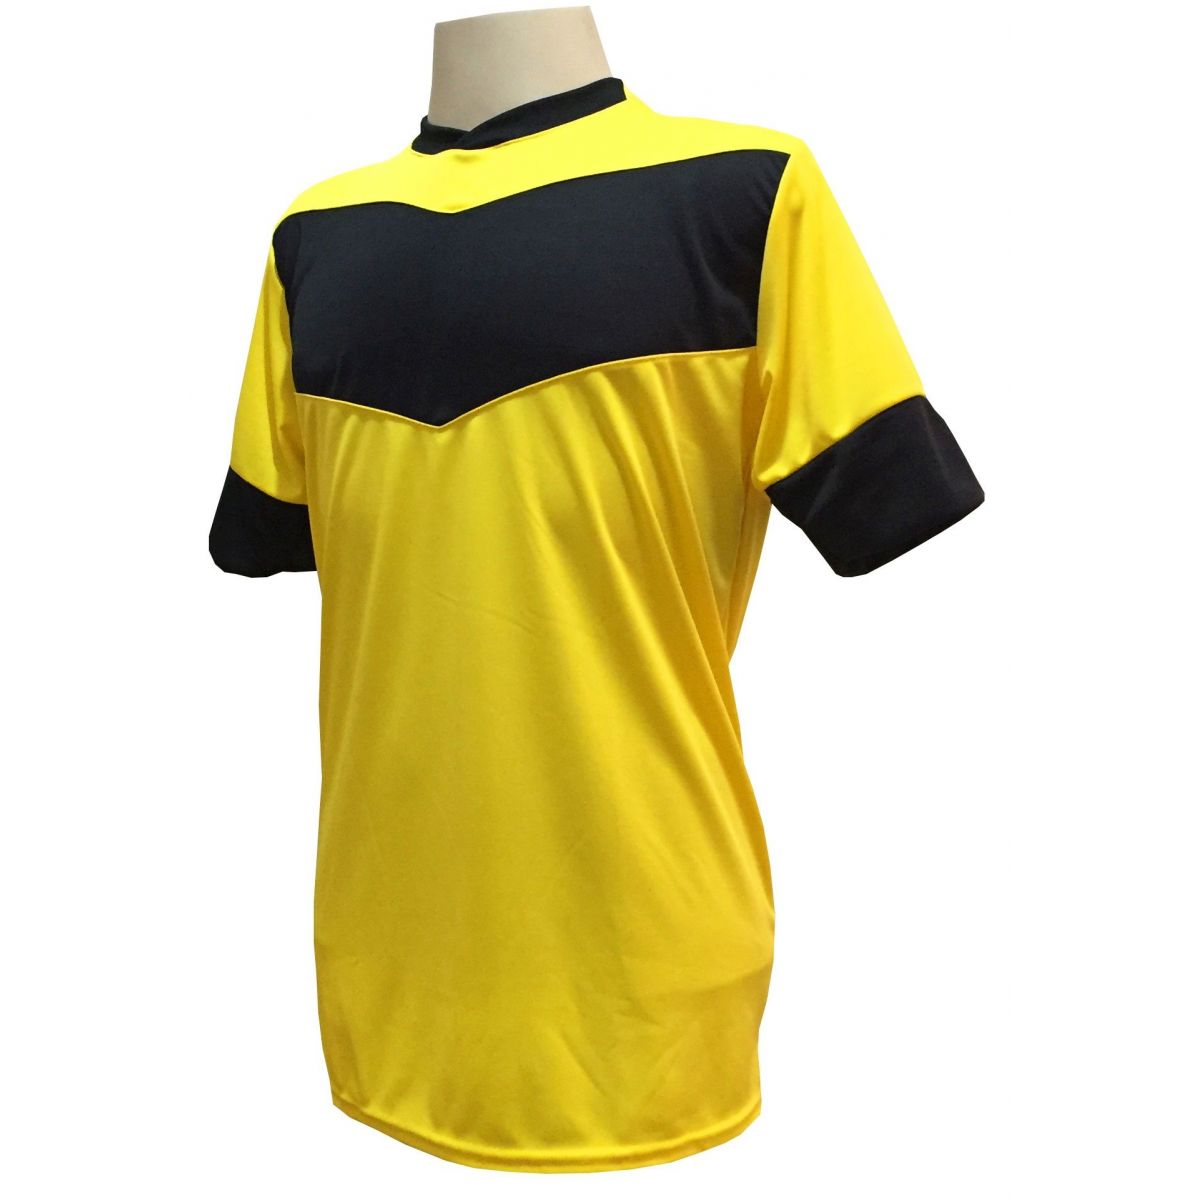 Jogo de Camisa com 18 unidades modelo Columbus Amarelo/Preto + 1 Goleiro + Brindes